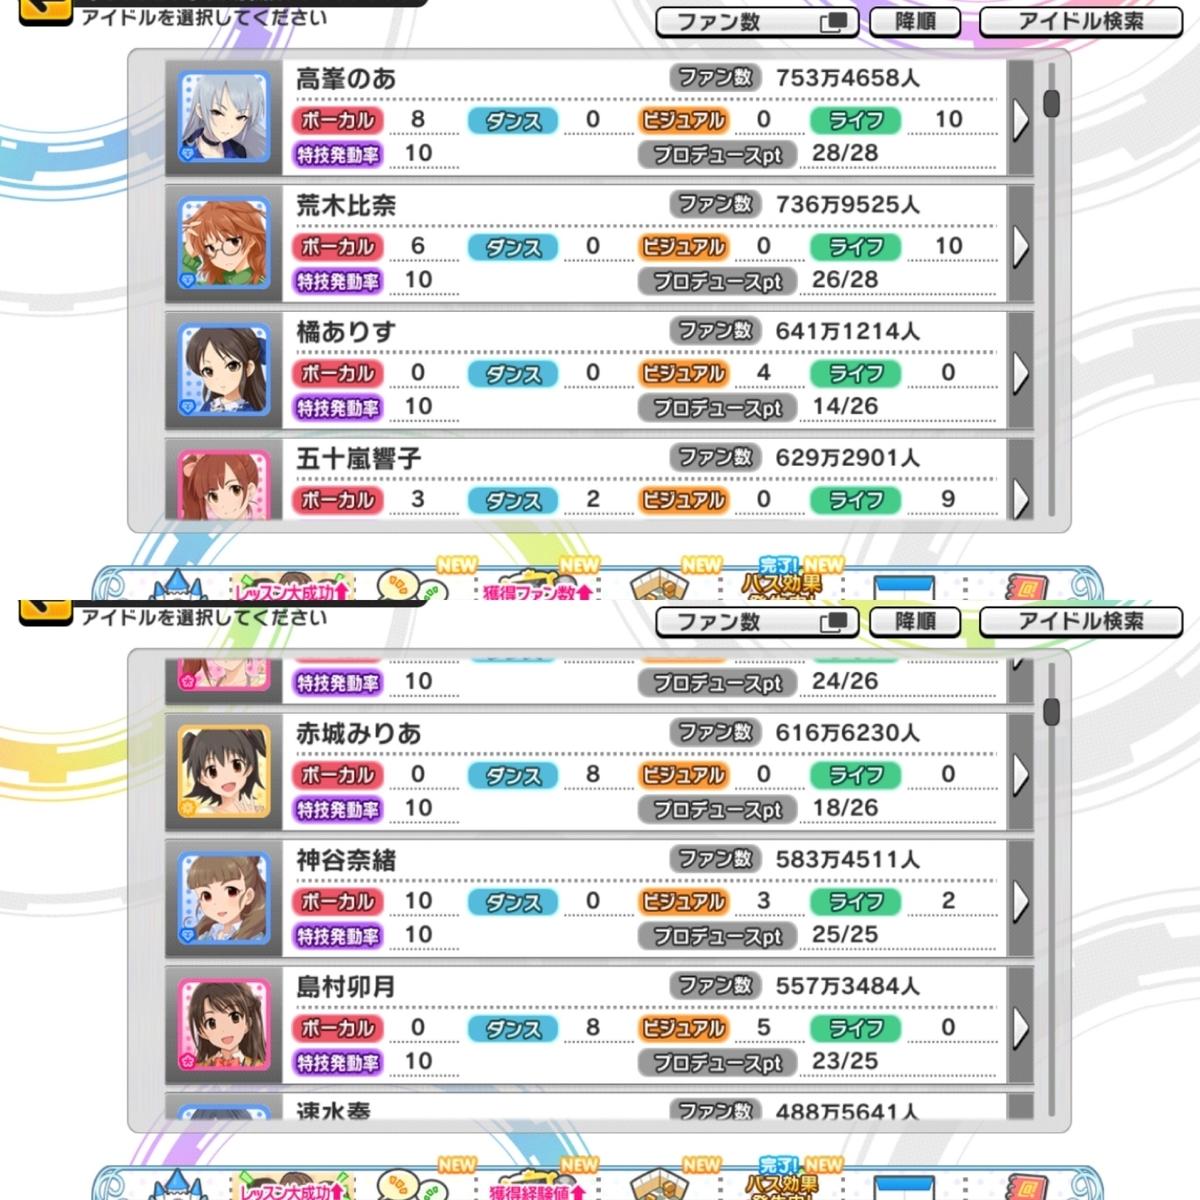 f:id:Kotoha-P_mtf:20211010154846j:plain